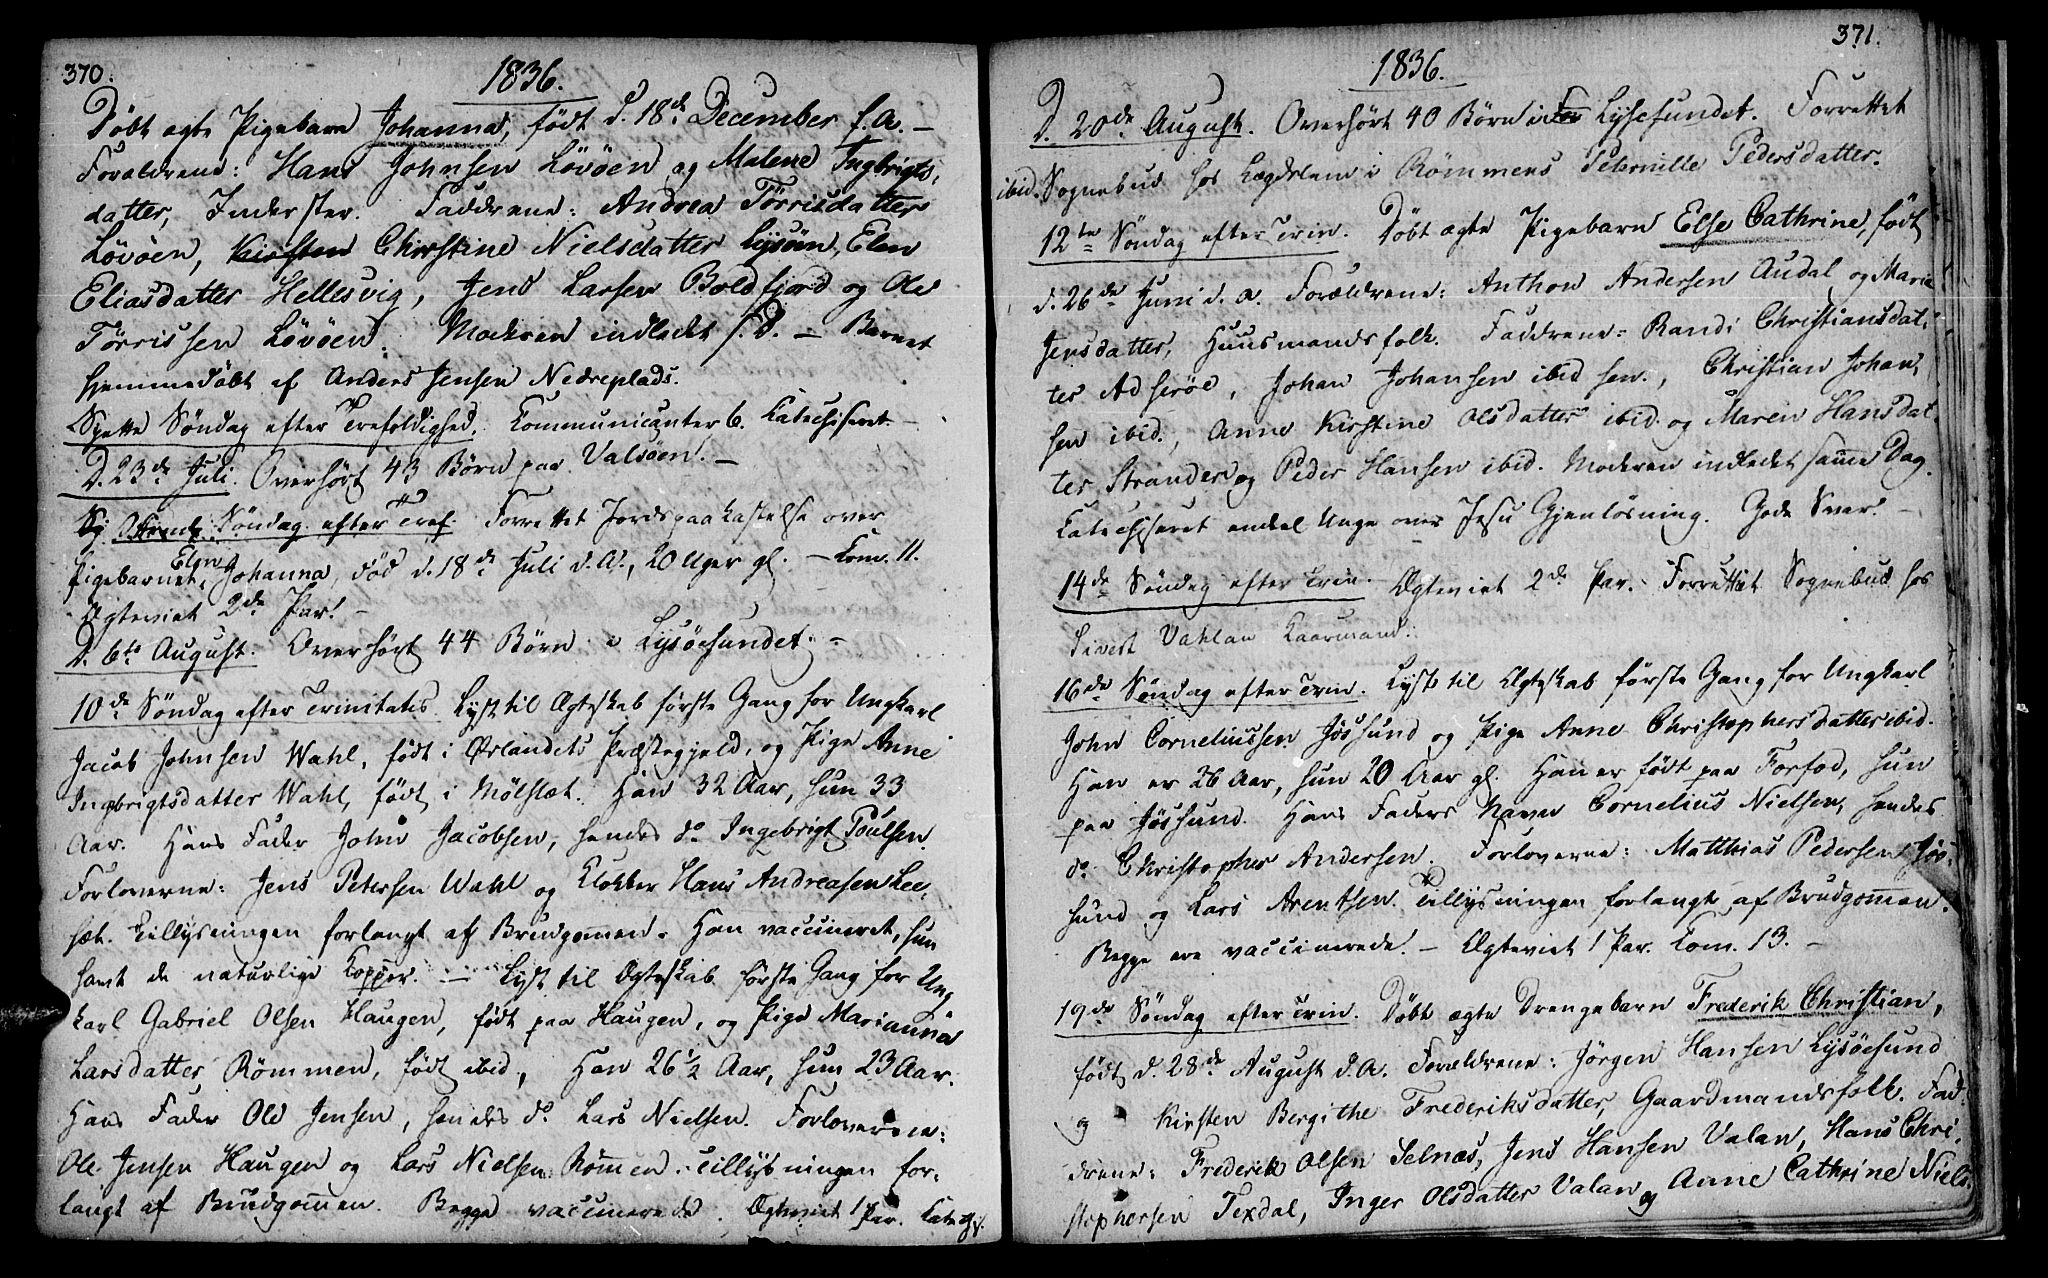 SAT, Ministerialprotokoller, klokkerbøker og fødselsregistre - Sør-Trøndelag, 655/L0674: Ministerialbok nr. 655A03, 1802-1826, s. 370-371